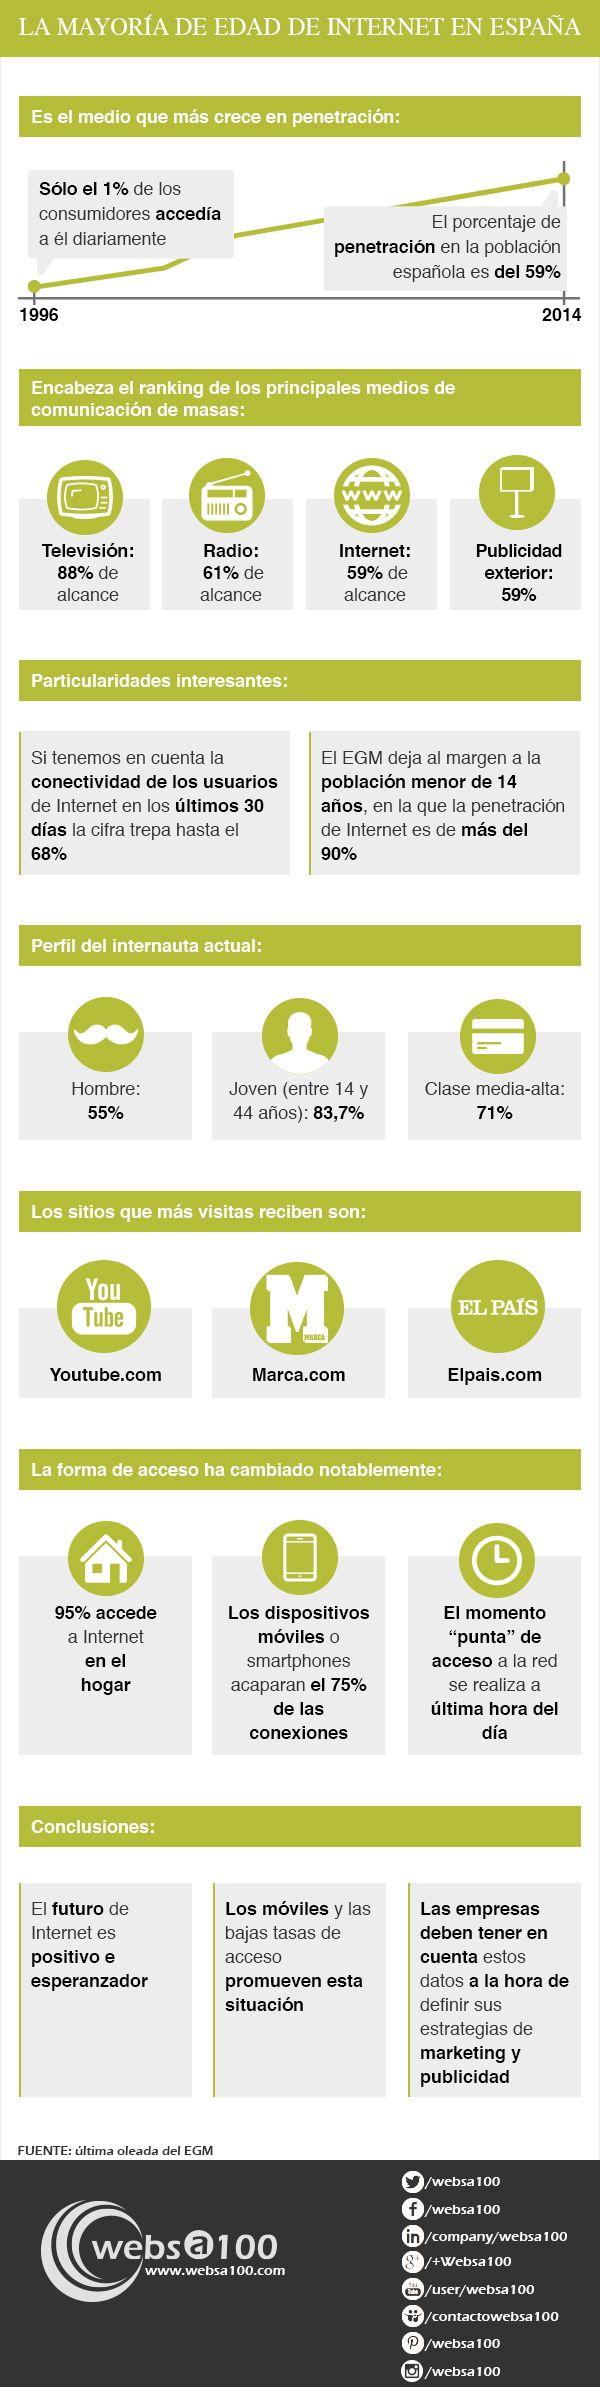 La mayoría de edad de Internet en España